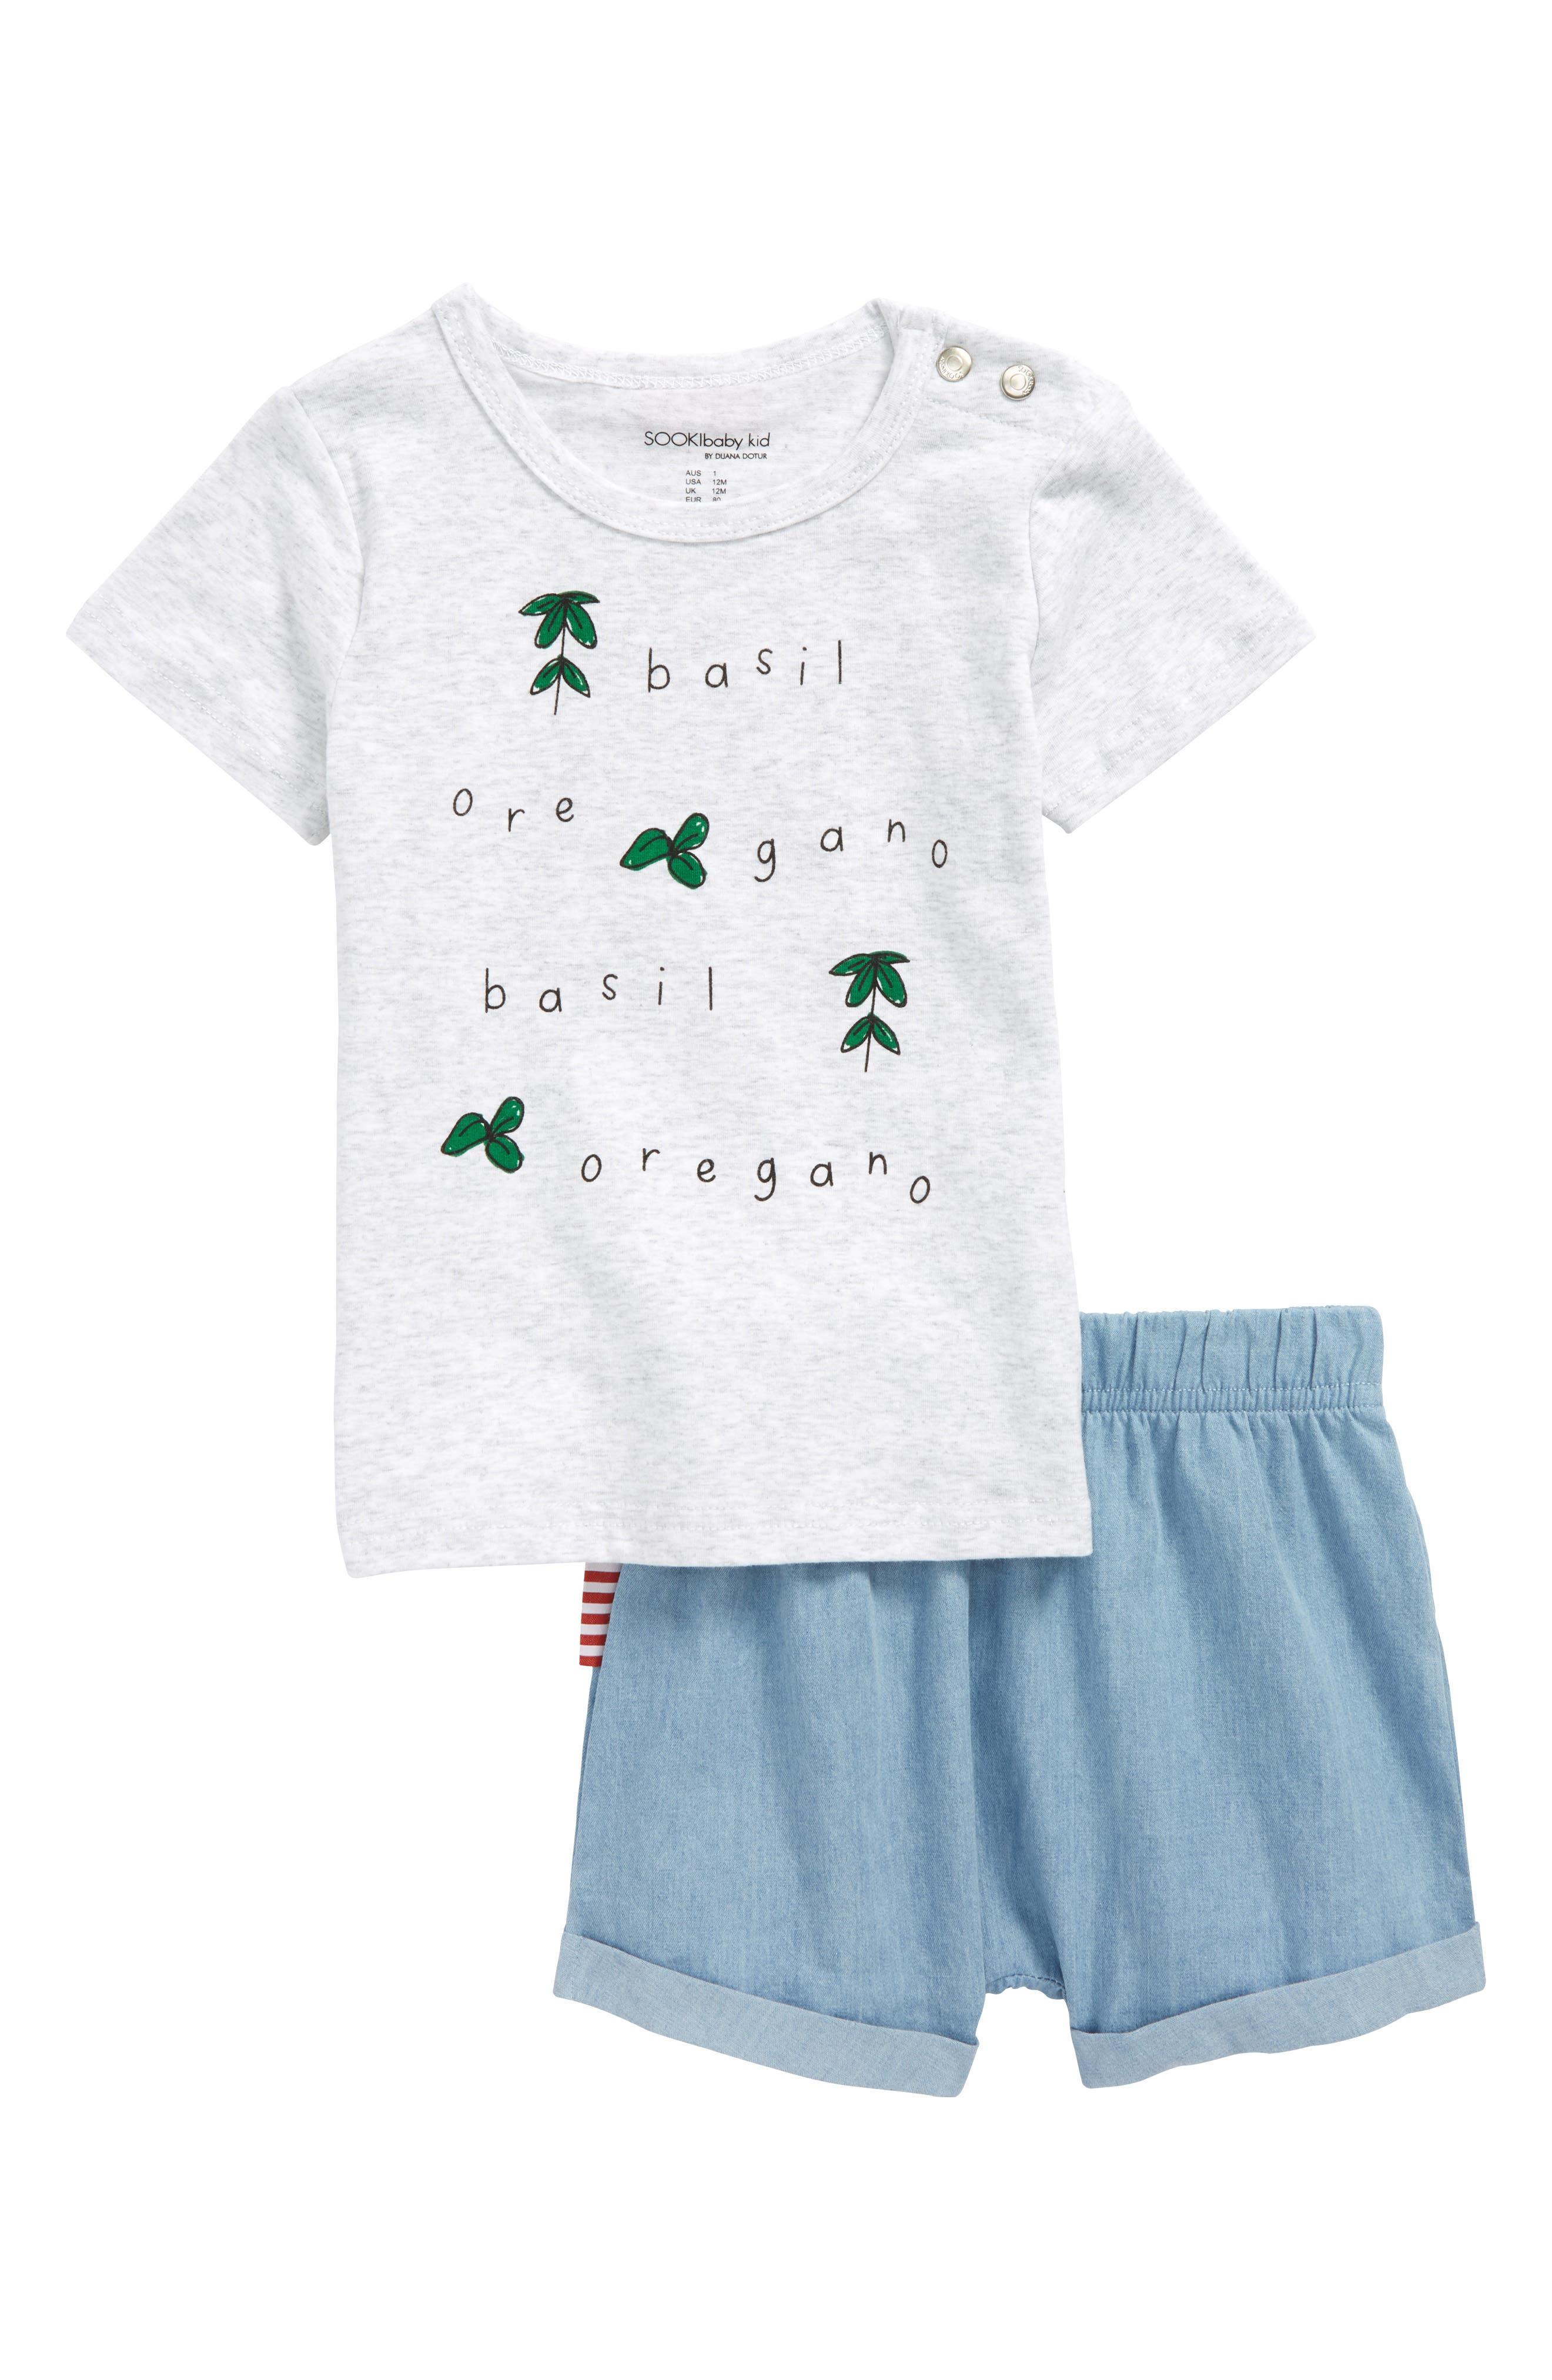 SOOKIbaby Basil T-Shirt & Chambray Shorts Set (Baby & Toddler)